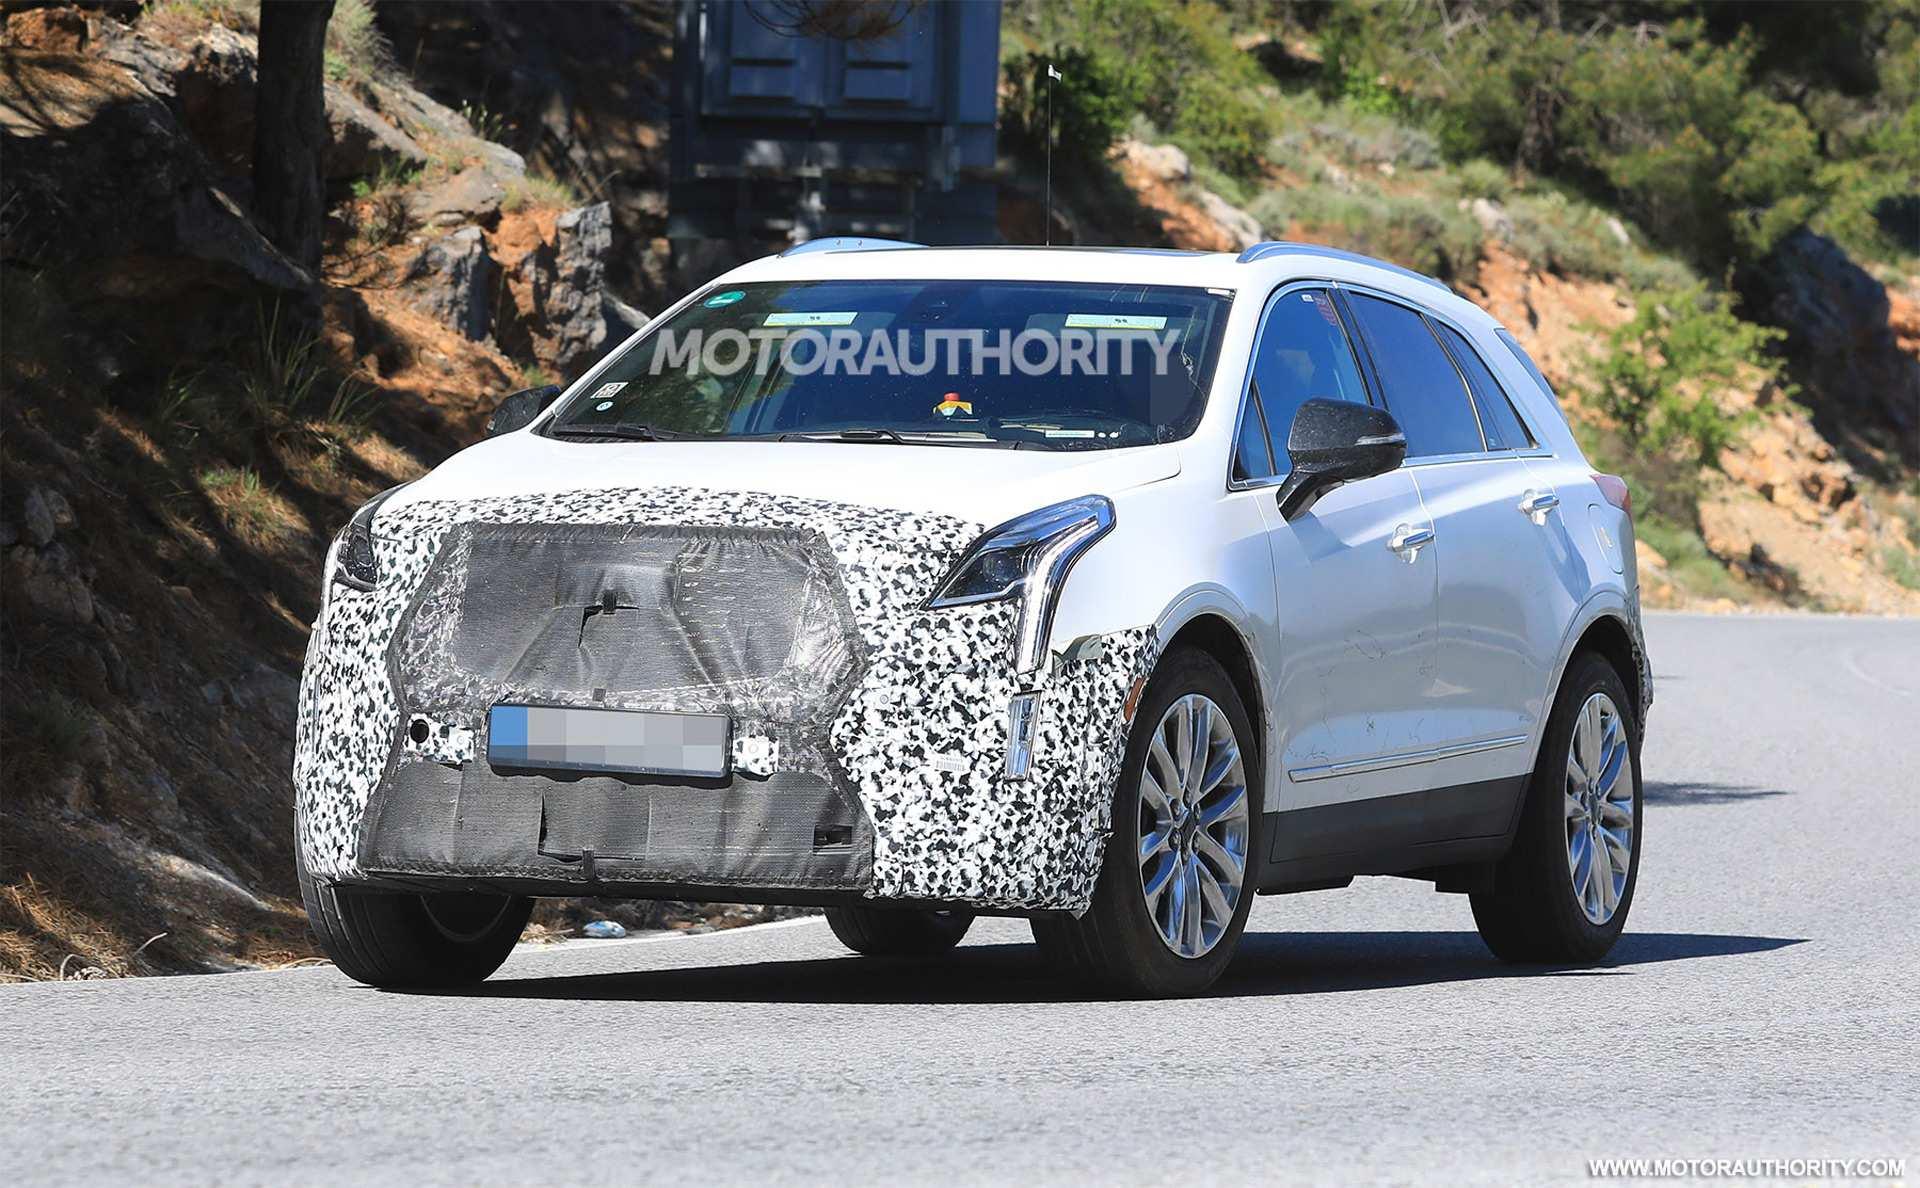 76 Great 2019 Spy Shots Cadillac Xt5 Specs for 2019 Spy Shots Cadillac Xt5